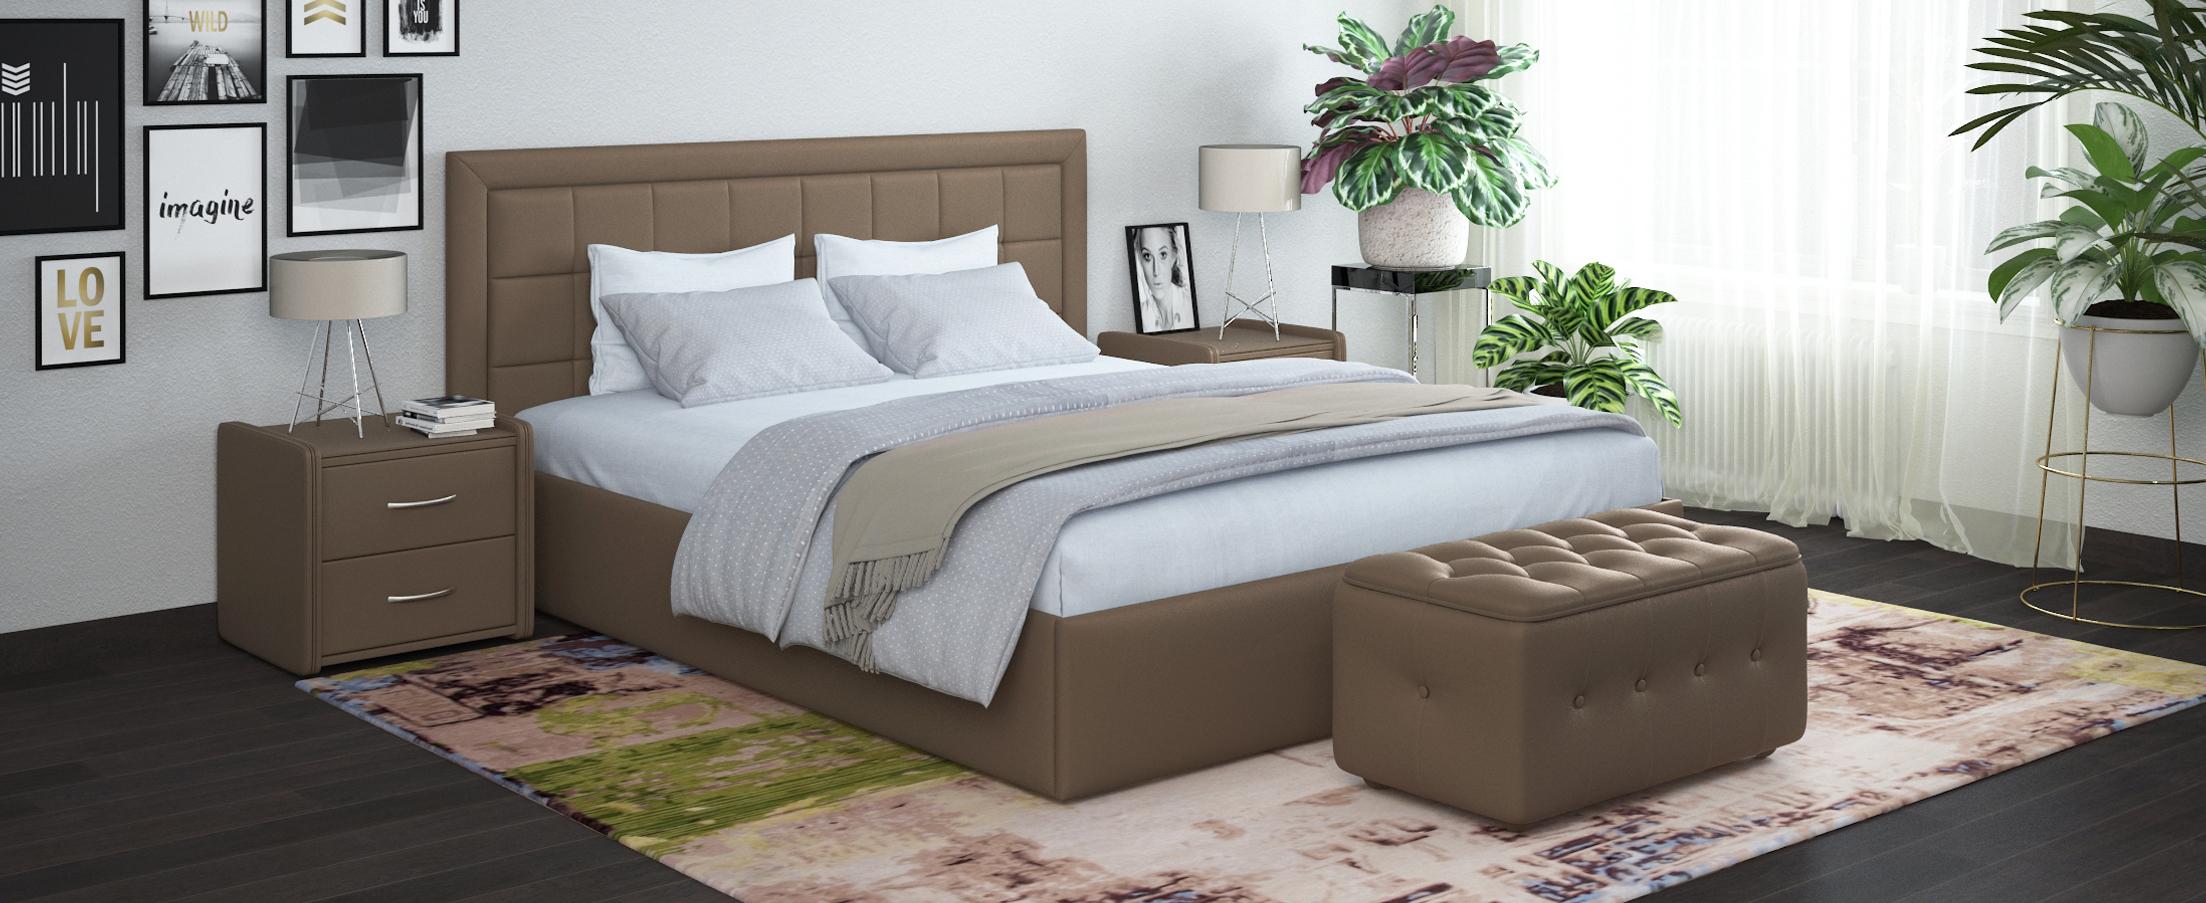 Кровать двуспальная Ноэми 140х200 Модель 1202Строгий дизайн кровати Ноэми является примером сдержанной универсальной красоты, благодаря этому модель прекрасно подходит как к современному интерьеру спальни, так и к классическому.<br>